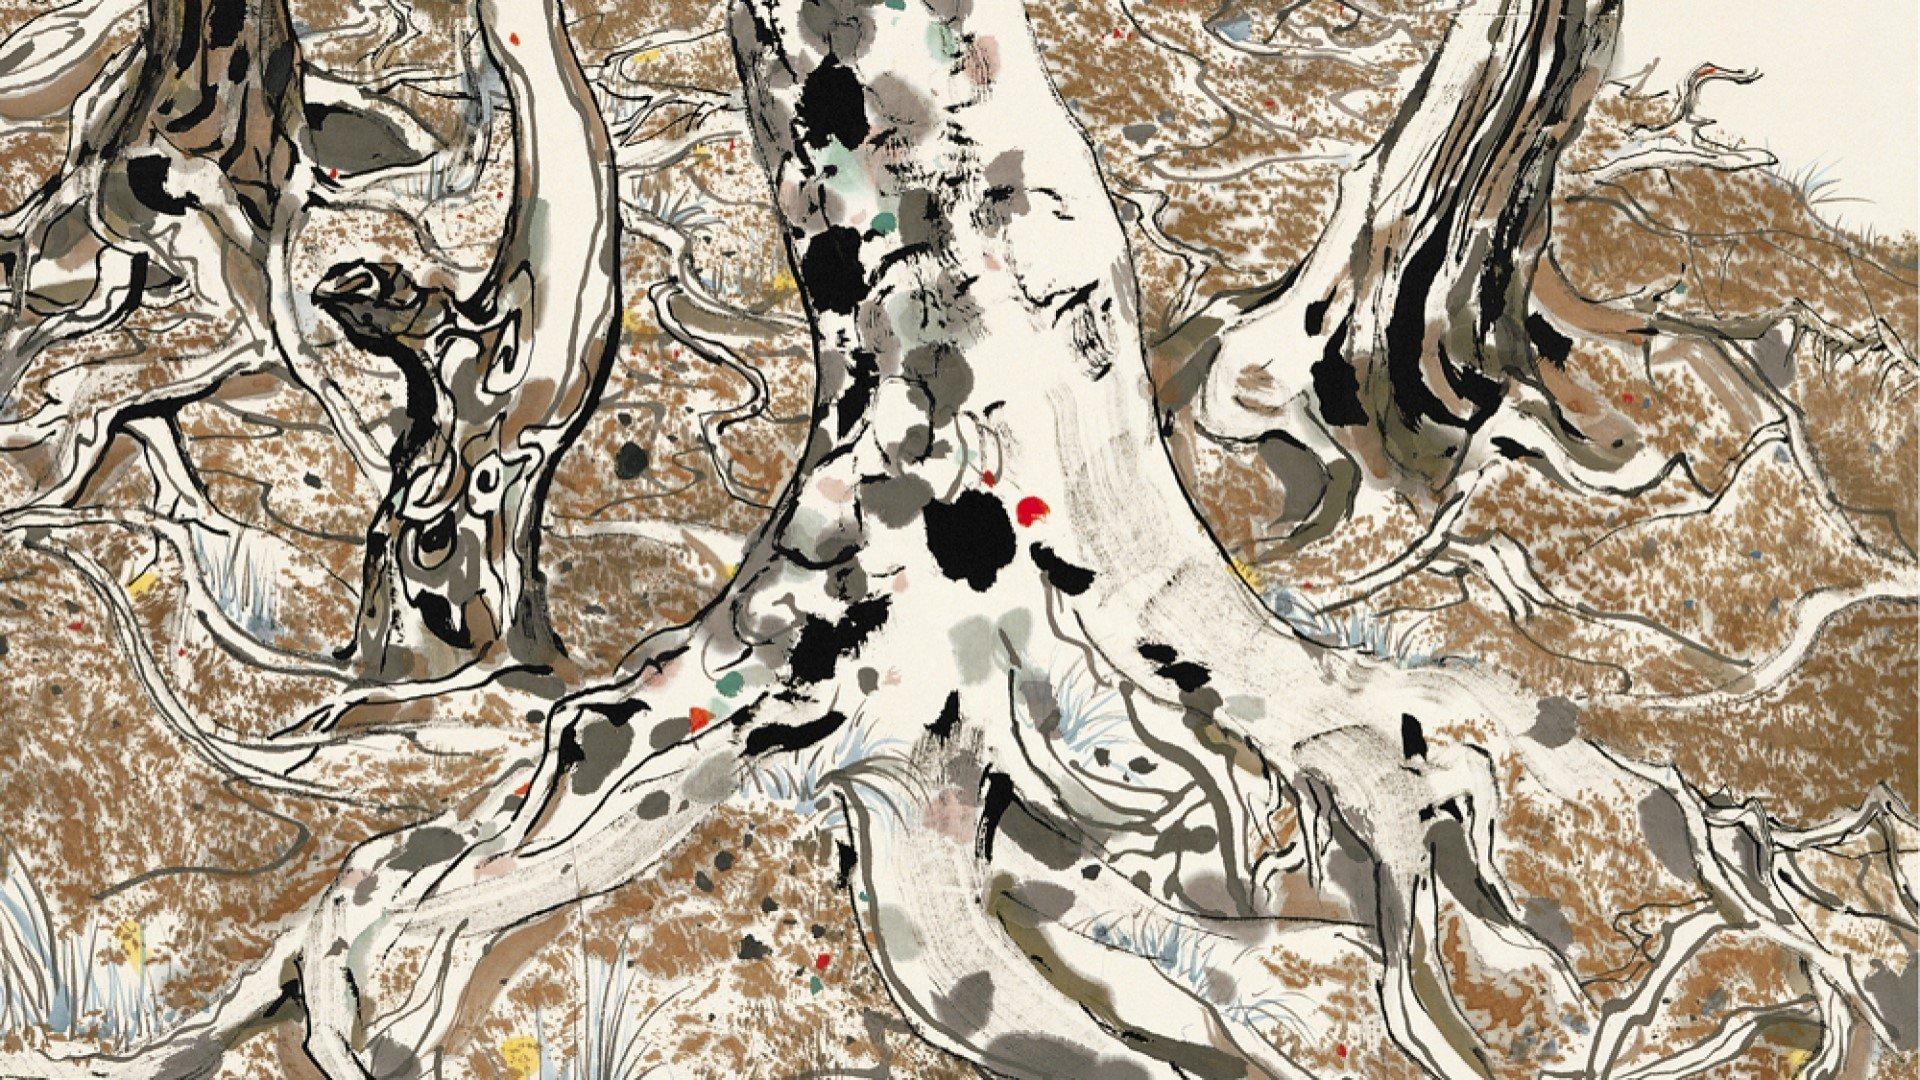 Wu Guanzhong exhibition at Ashmolean Museum